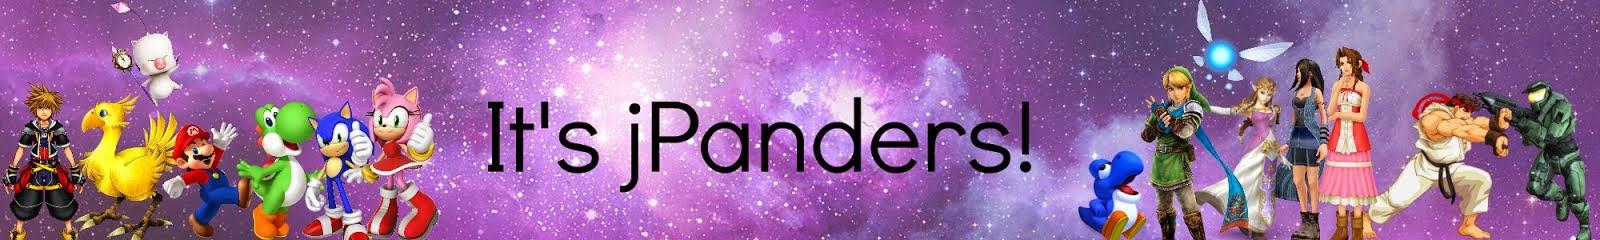 jPanders